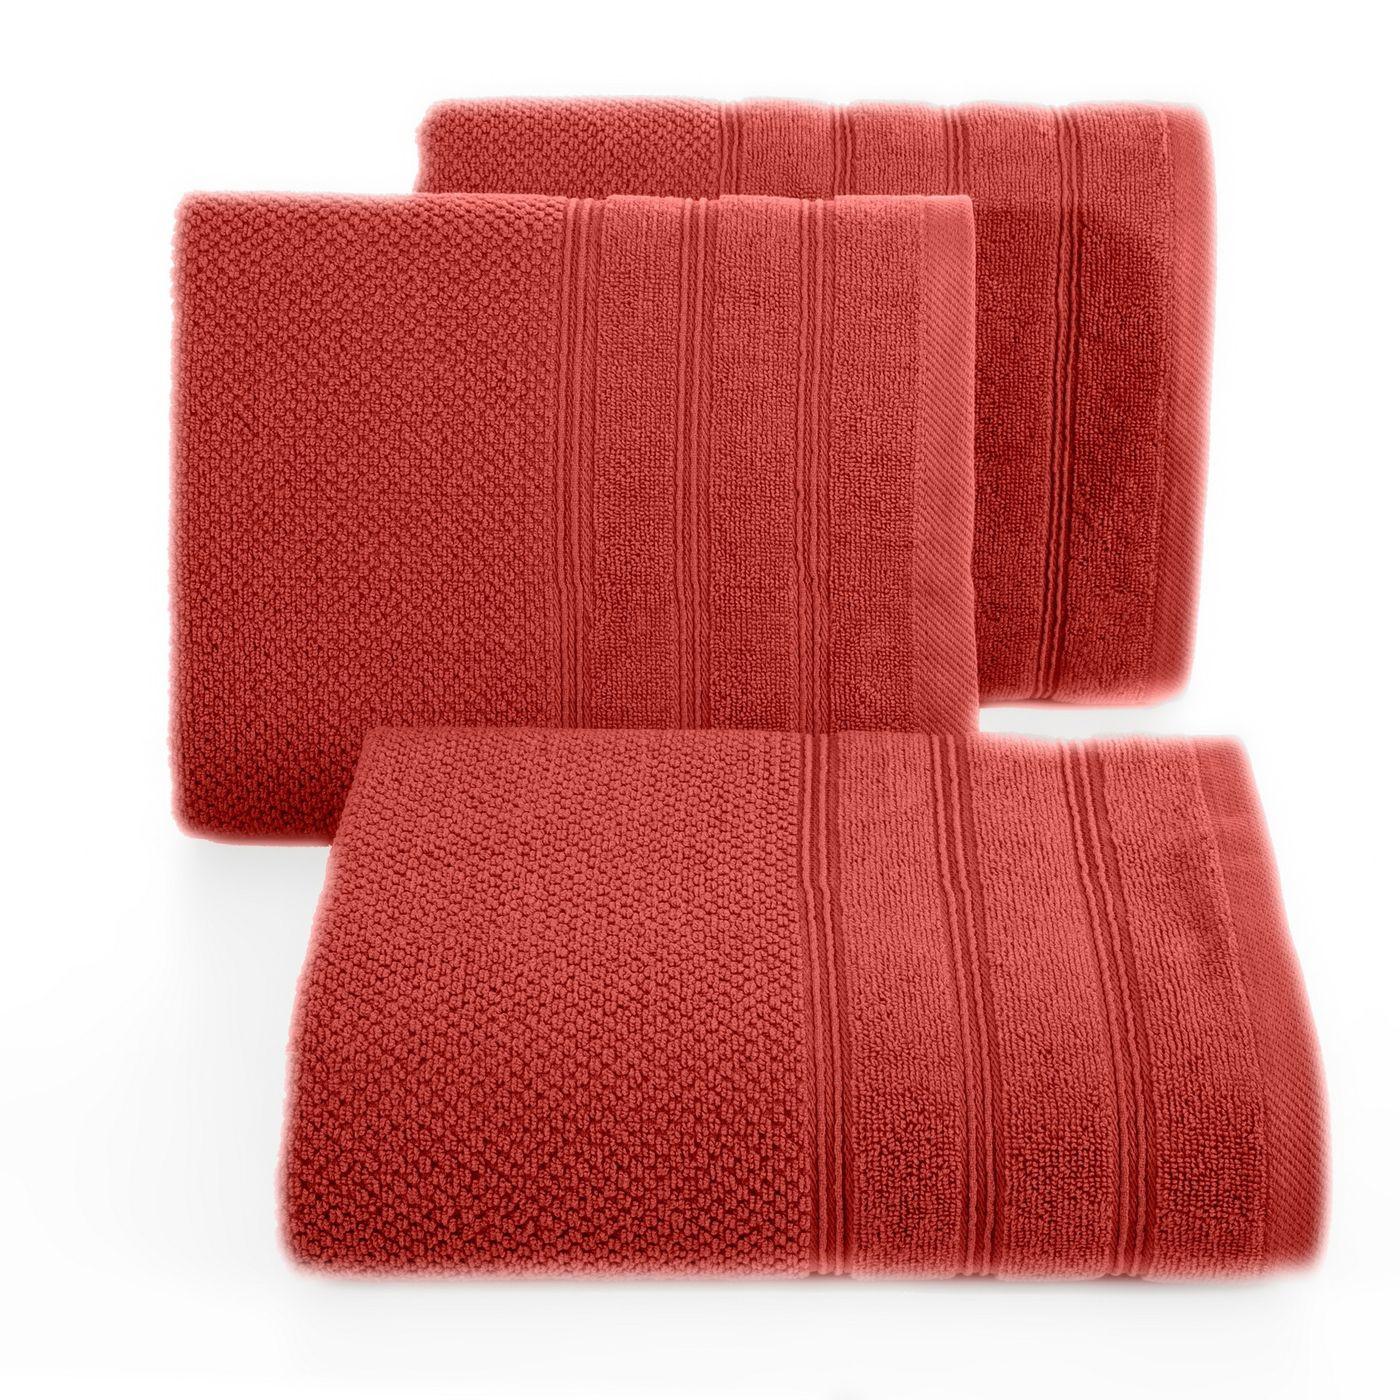 Bawełniany ręcznik kąpielowy frote ceglasty 50x90